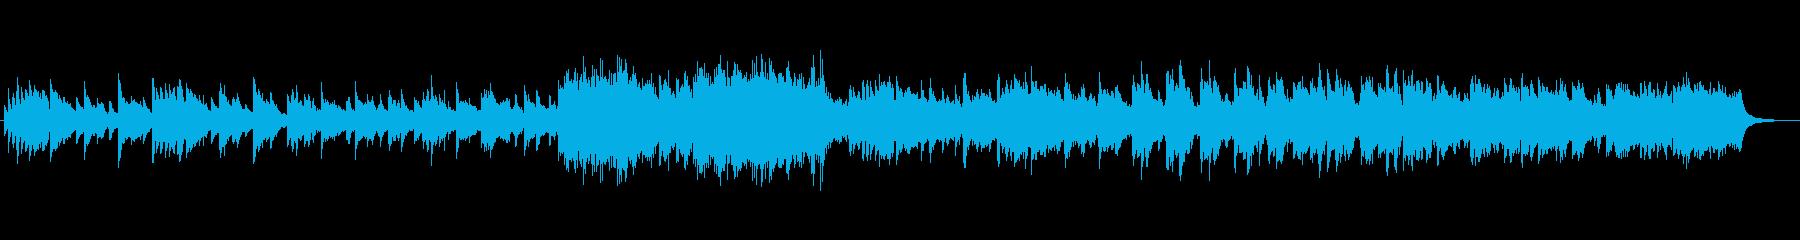 ピアノ&ストリングスの昭和ドラマ風初恋の再生済みの波形